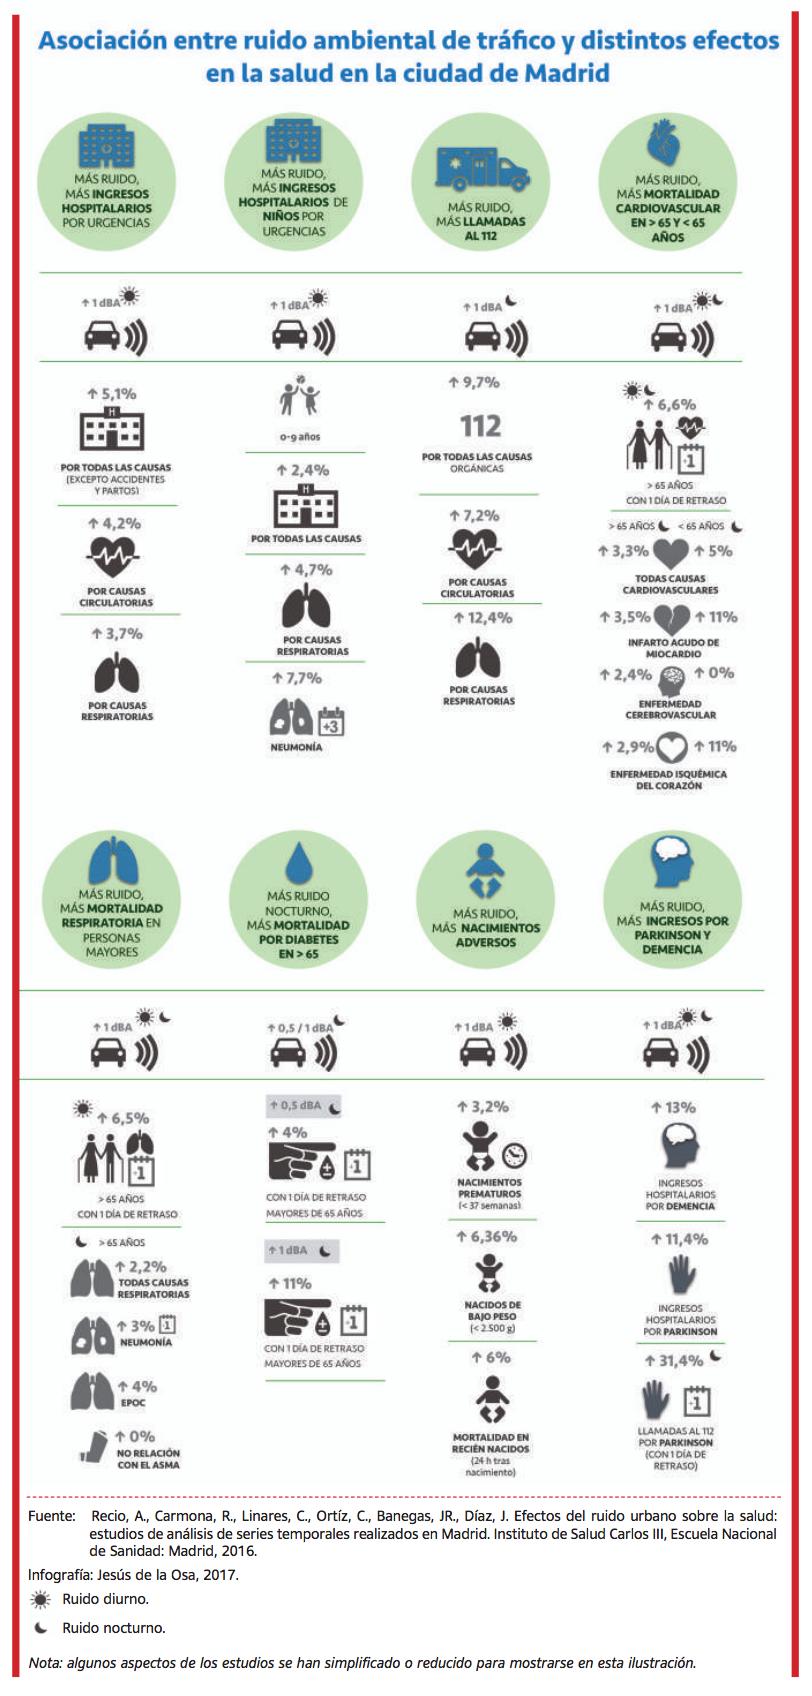 Ruido ambiental de tráfico y efectos en la salud en Madrid